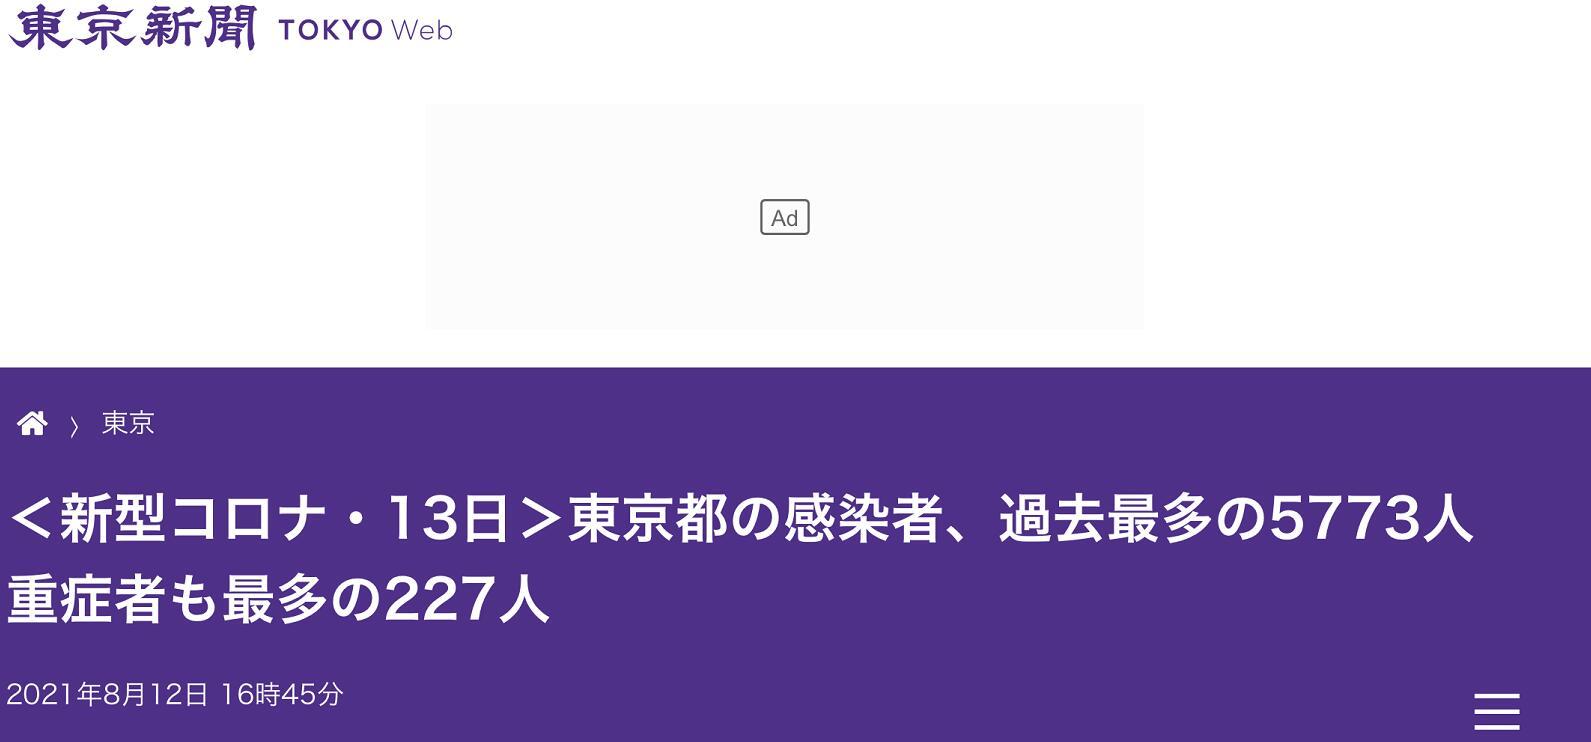 快讯!东京都13日新增新冠确诊病例5773例 ,刷新历史纪录